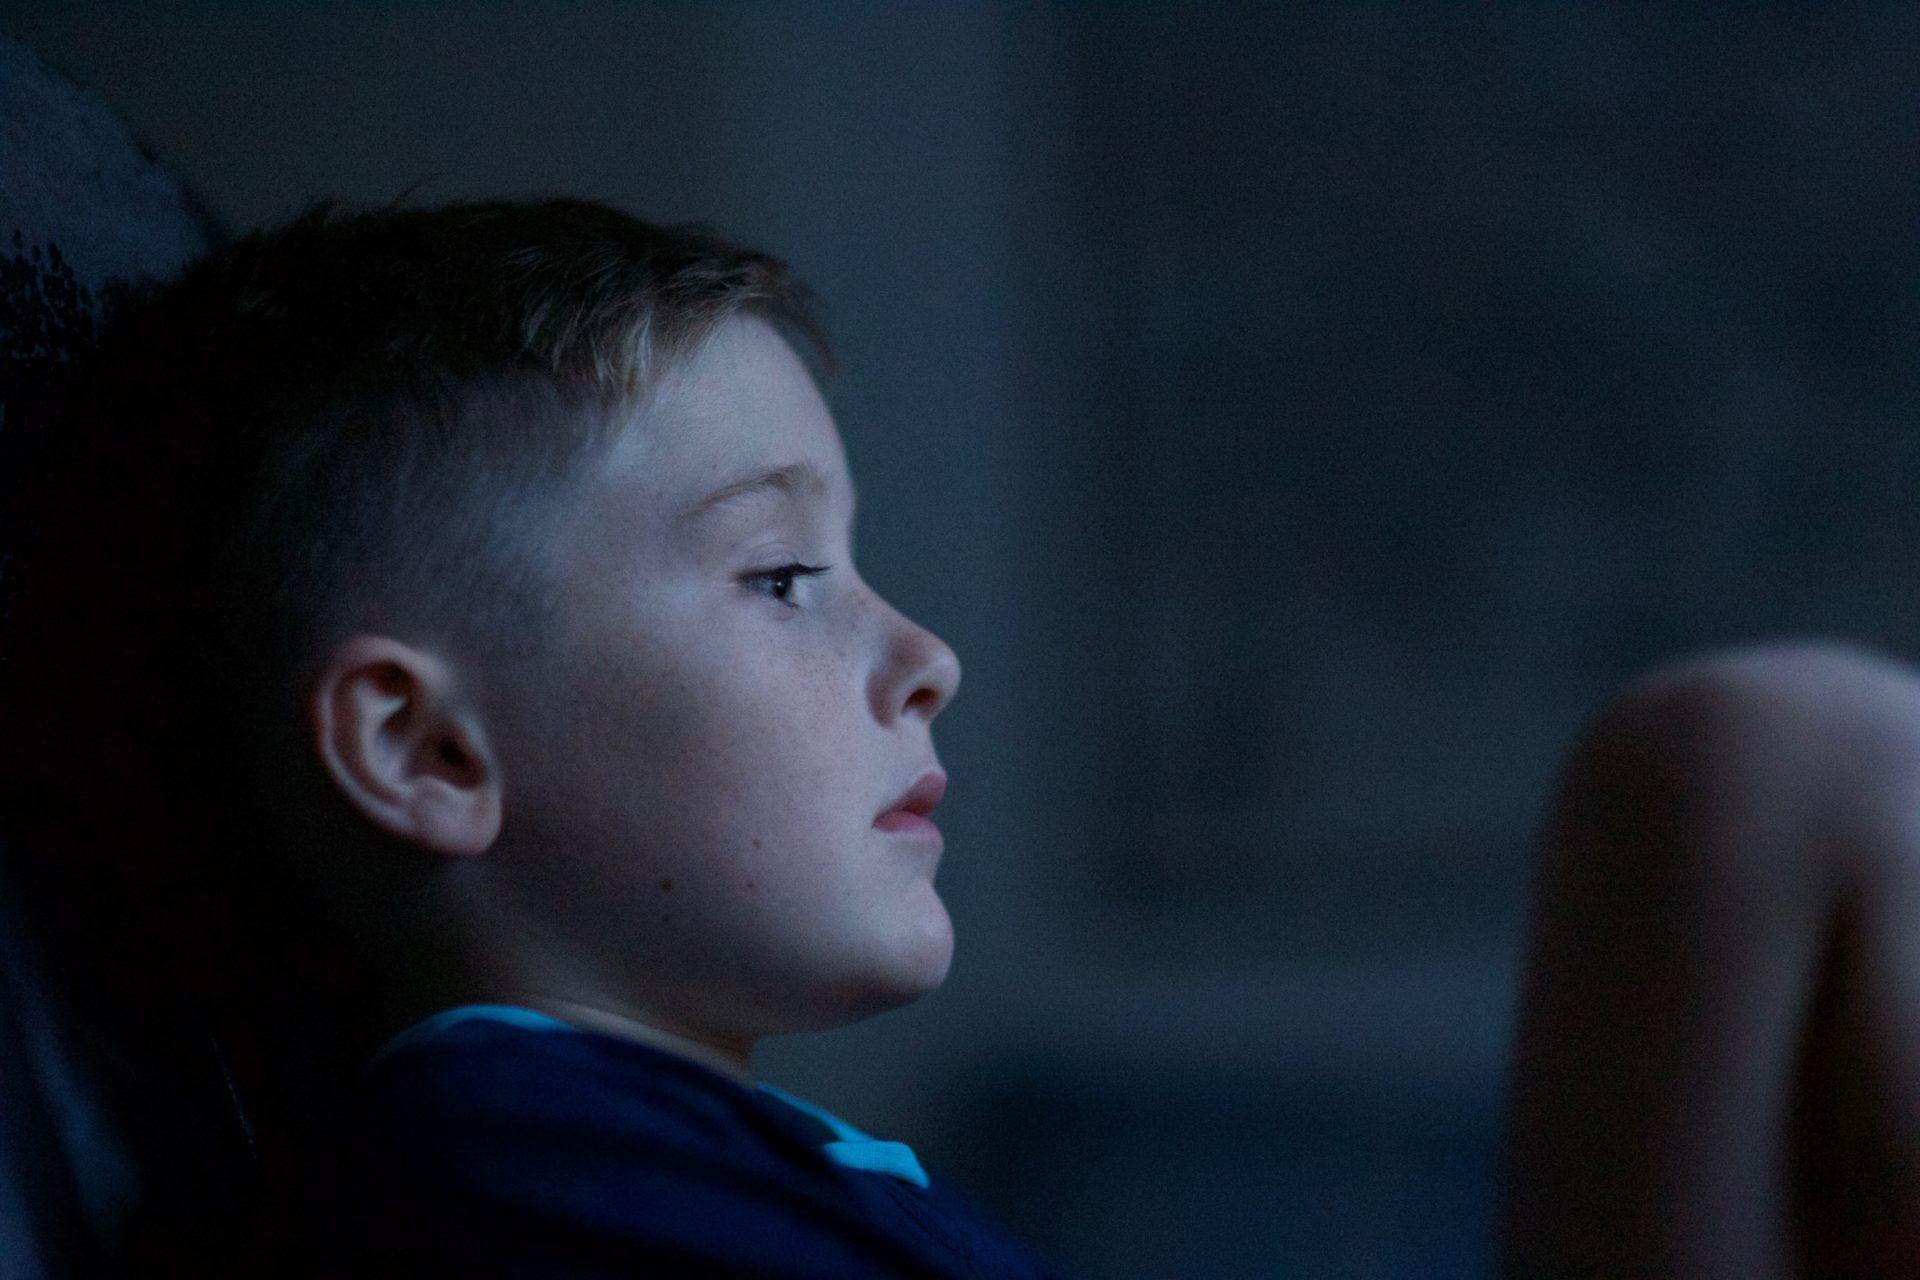 Chłopiec w ciemnym pokoju